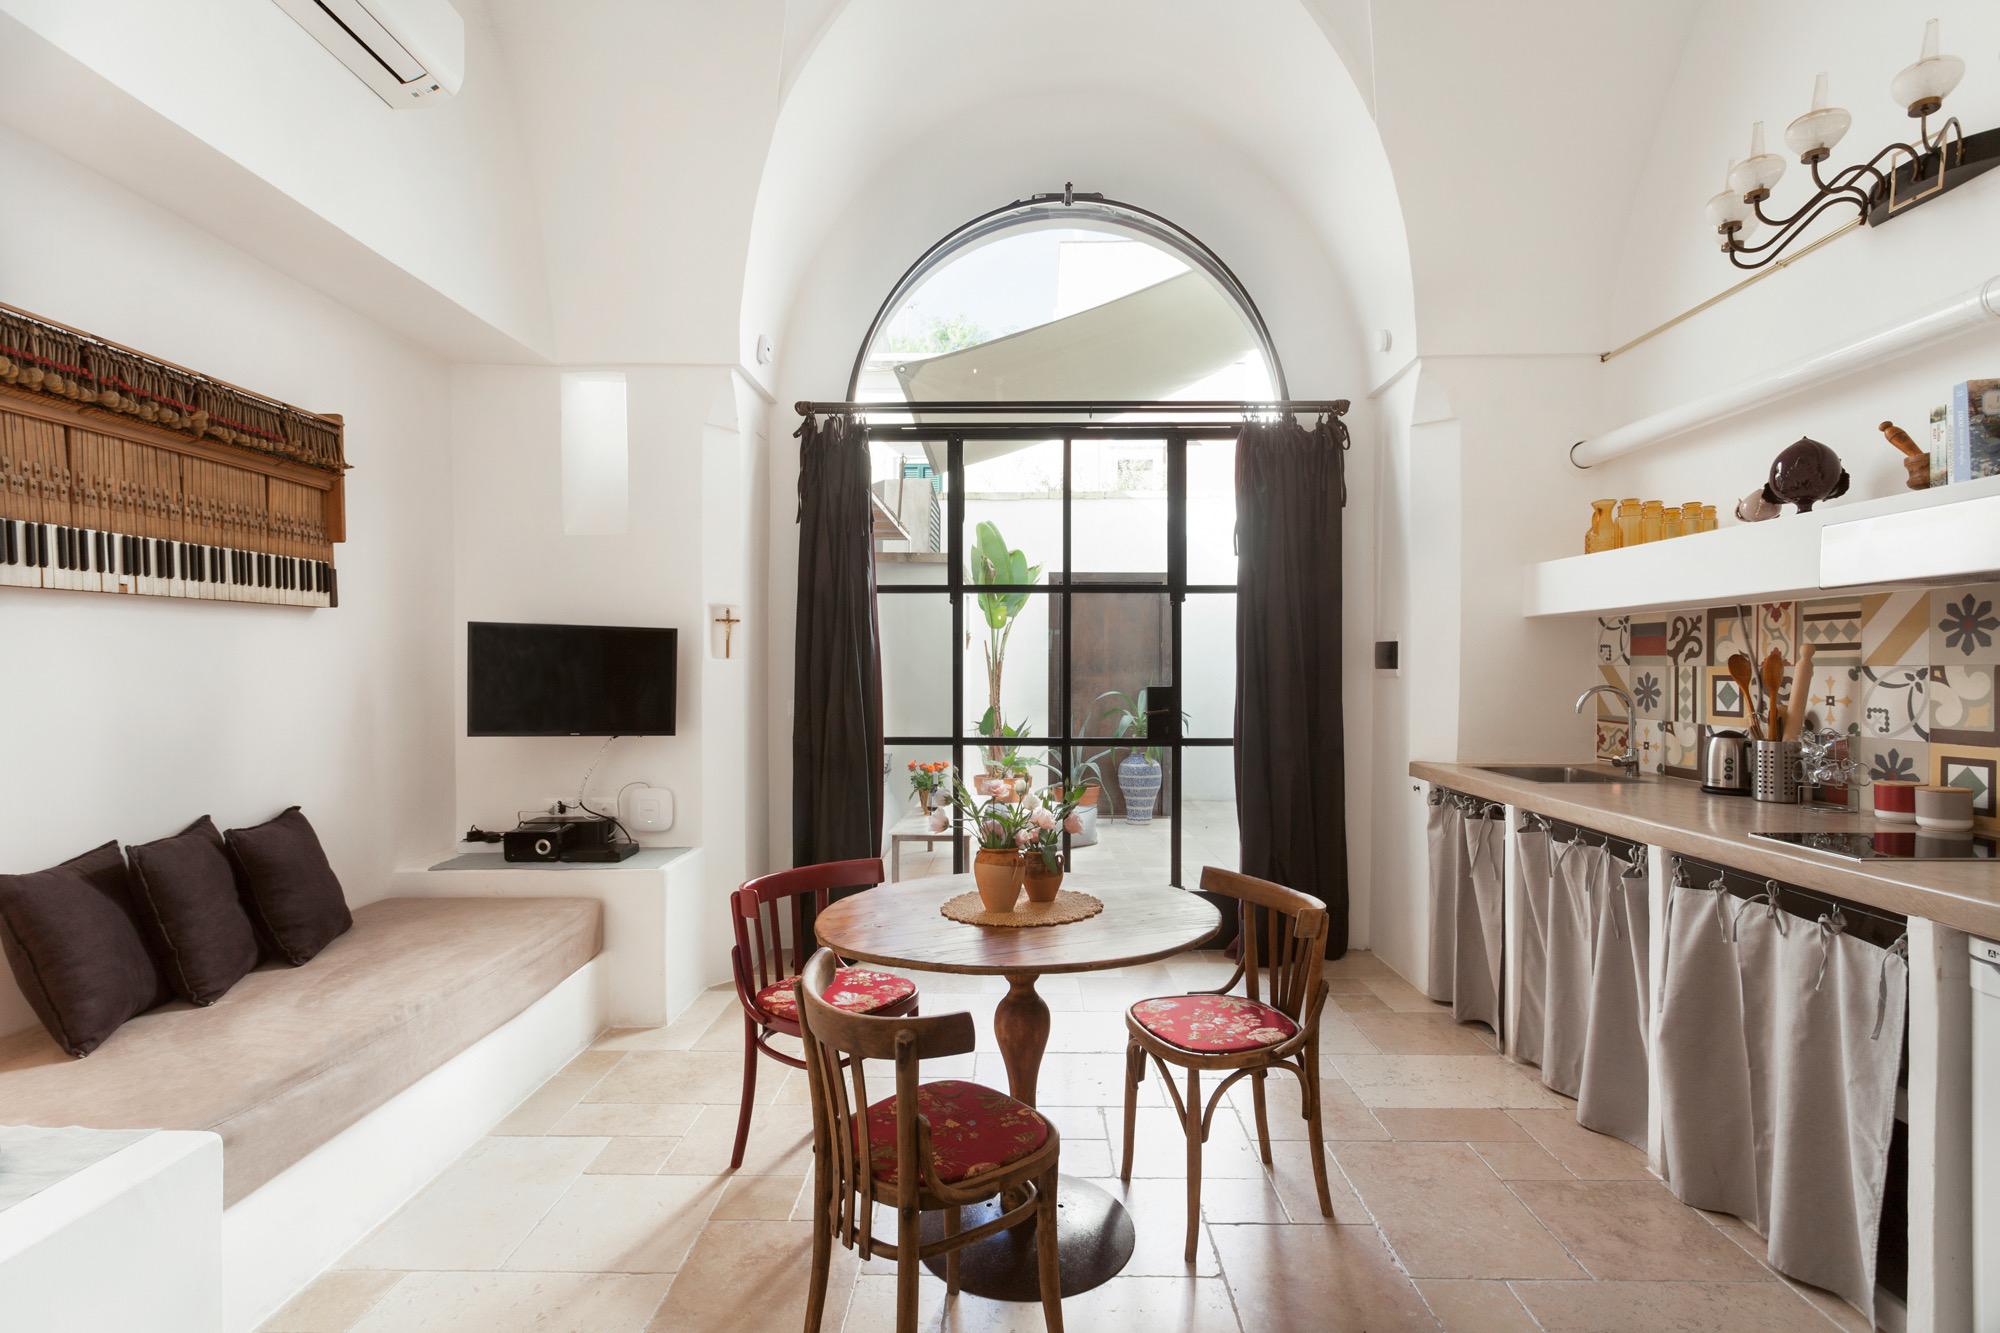 Case di vacanza in Salento per l'estate 2021